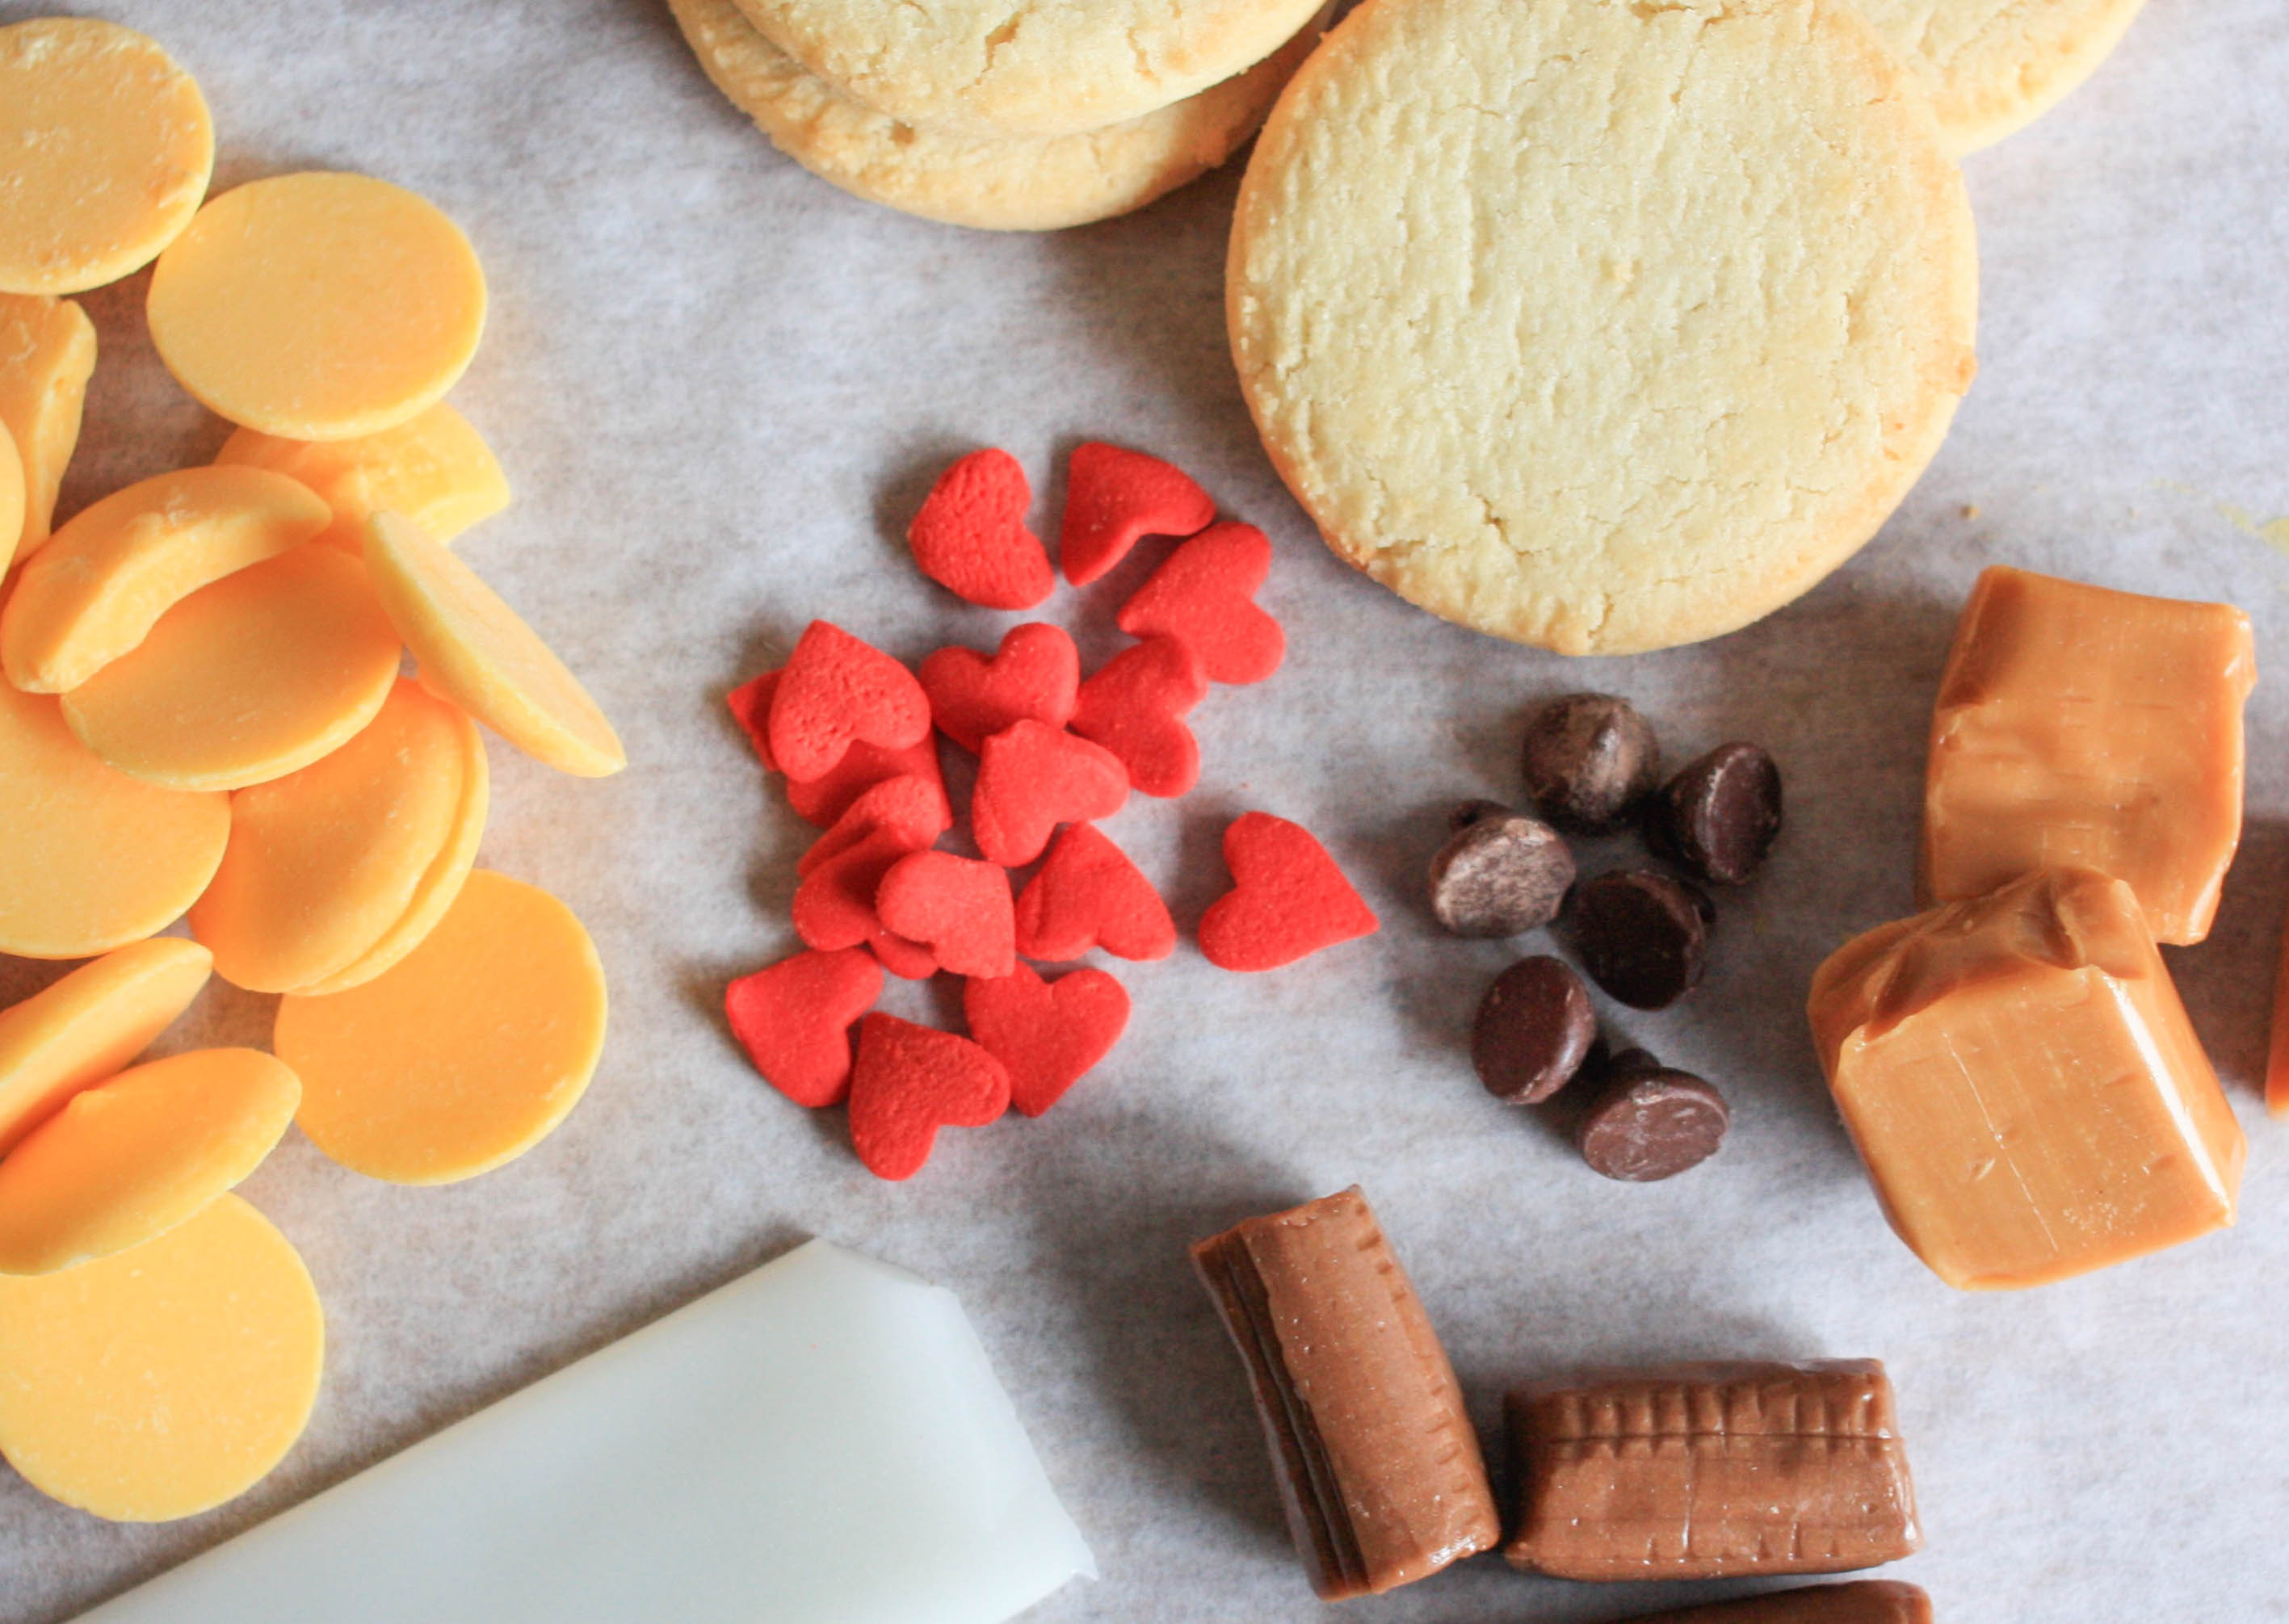 Emoji Cake Supplies | Erin Gardner